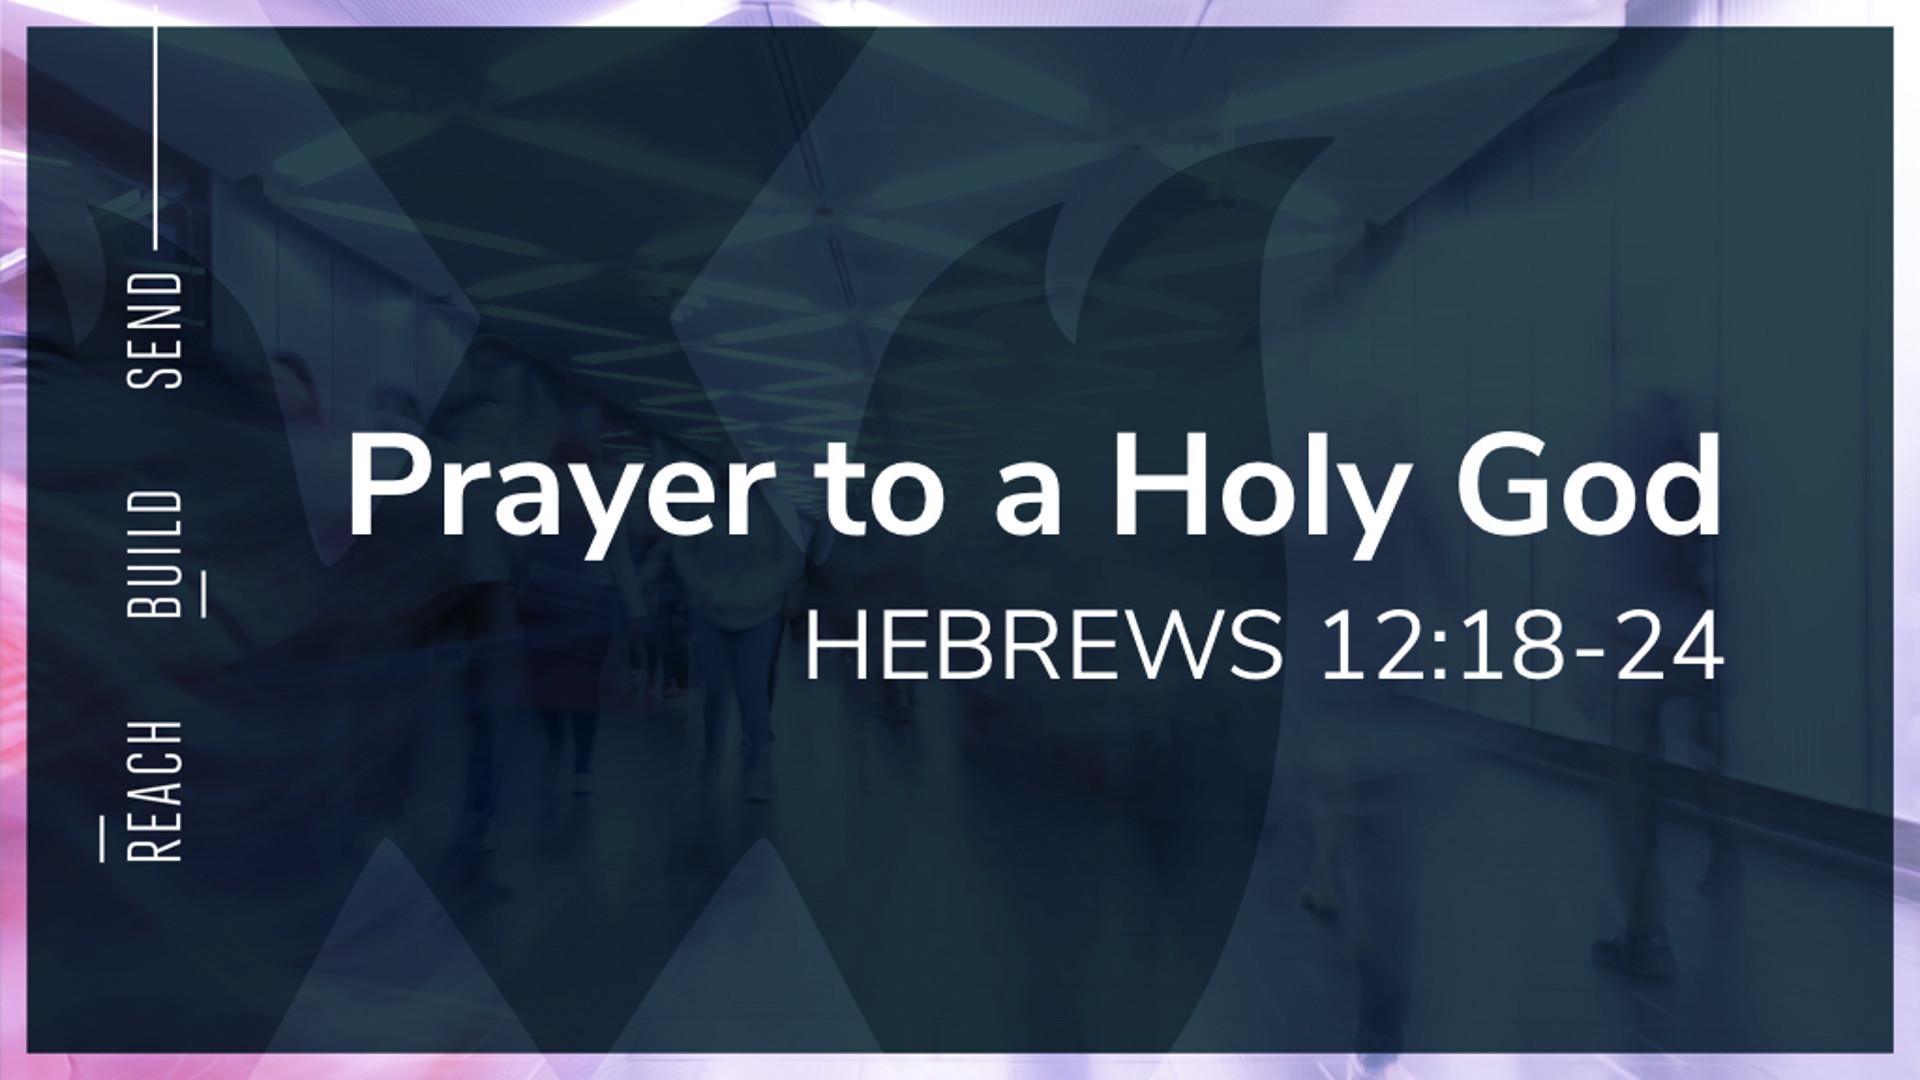 5Prayer - Hebrews 12.18-24.jpg